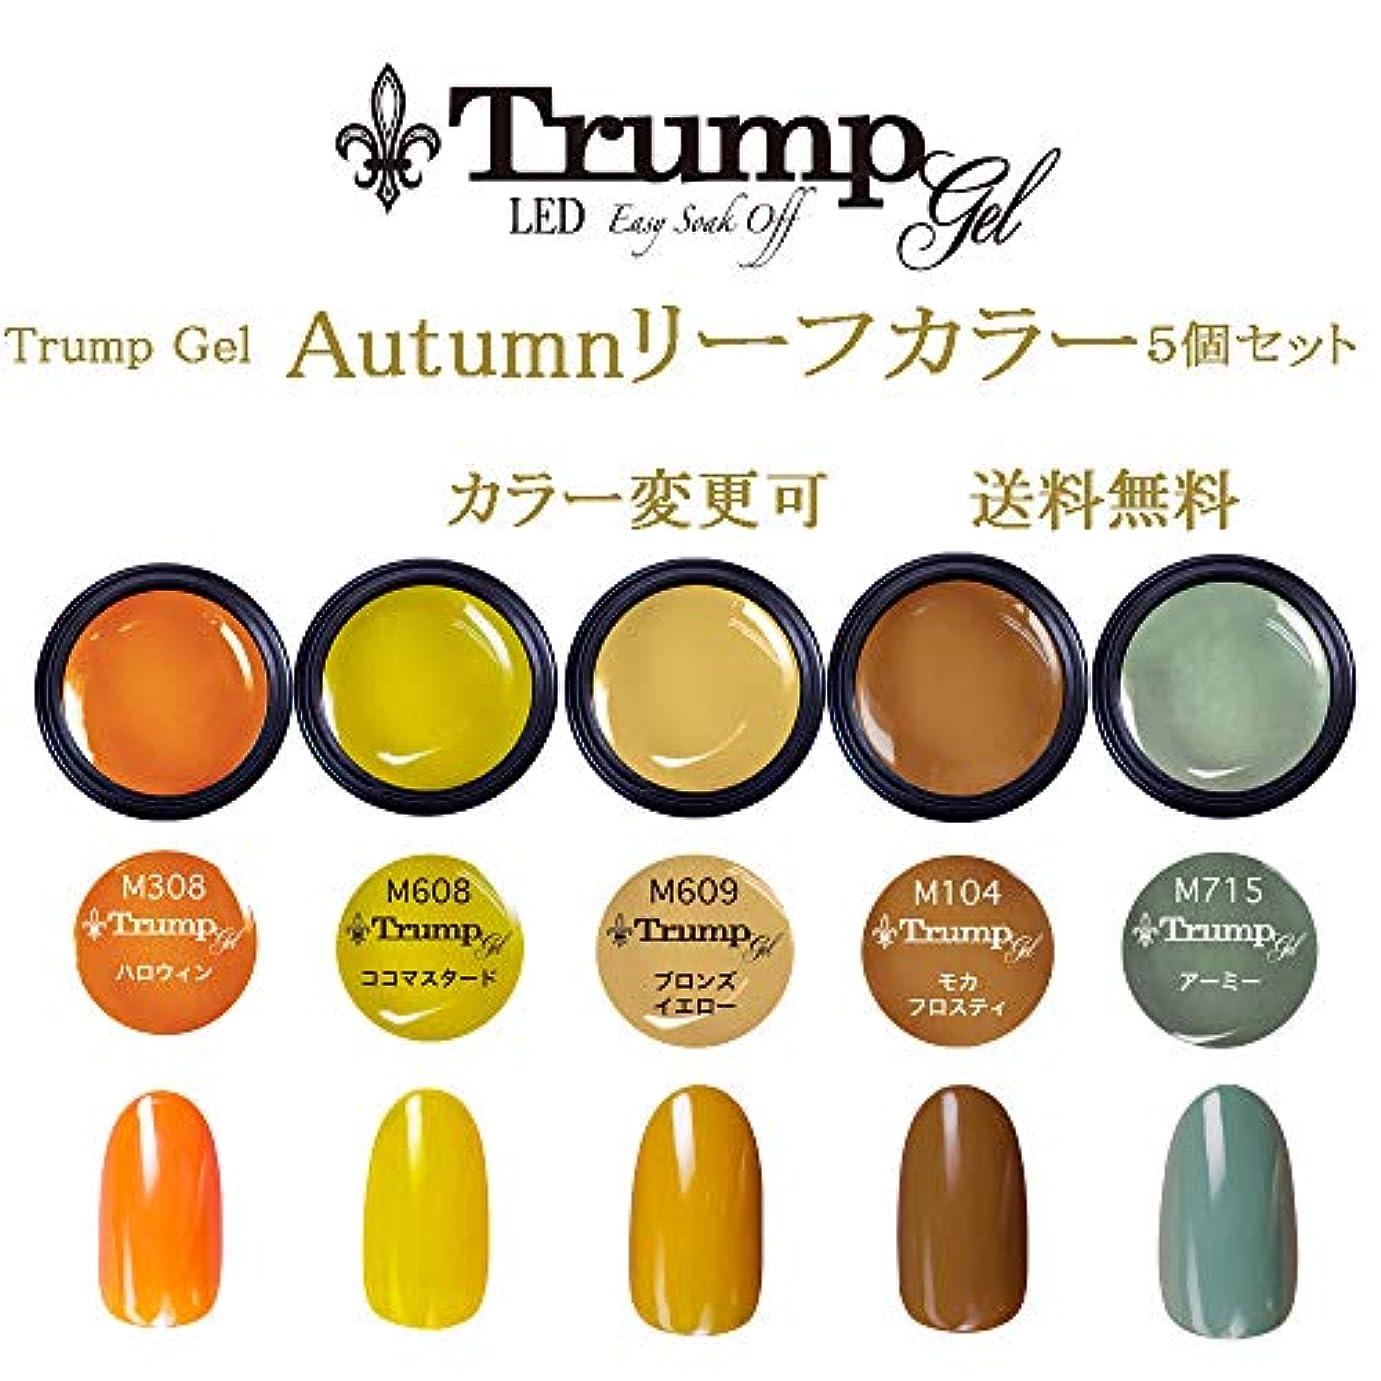 ペパーミント思い出させる細心の【送料無料】日本製 Trump gel トランプジェル オータムリーフカラー 選べる カラージェル 5個セット オータムネイル ベージュ ブラウン マスタード カラー